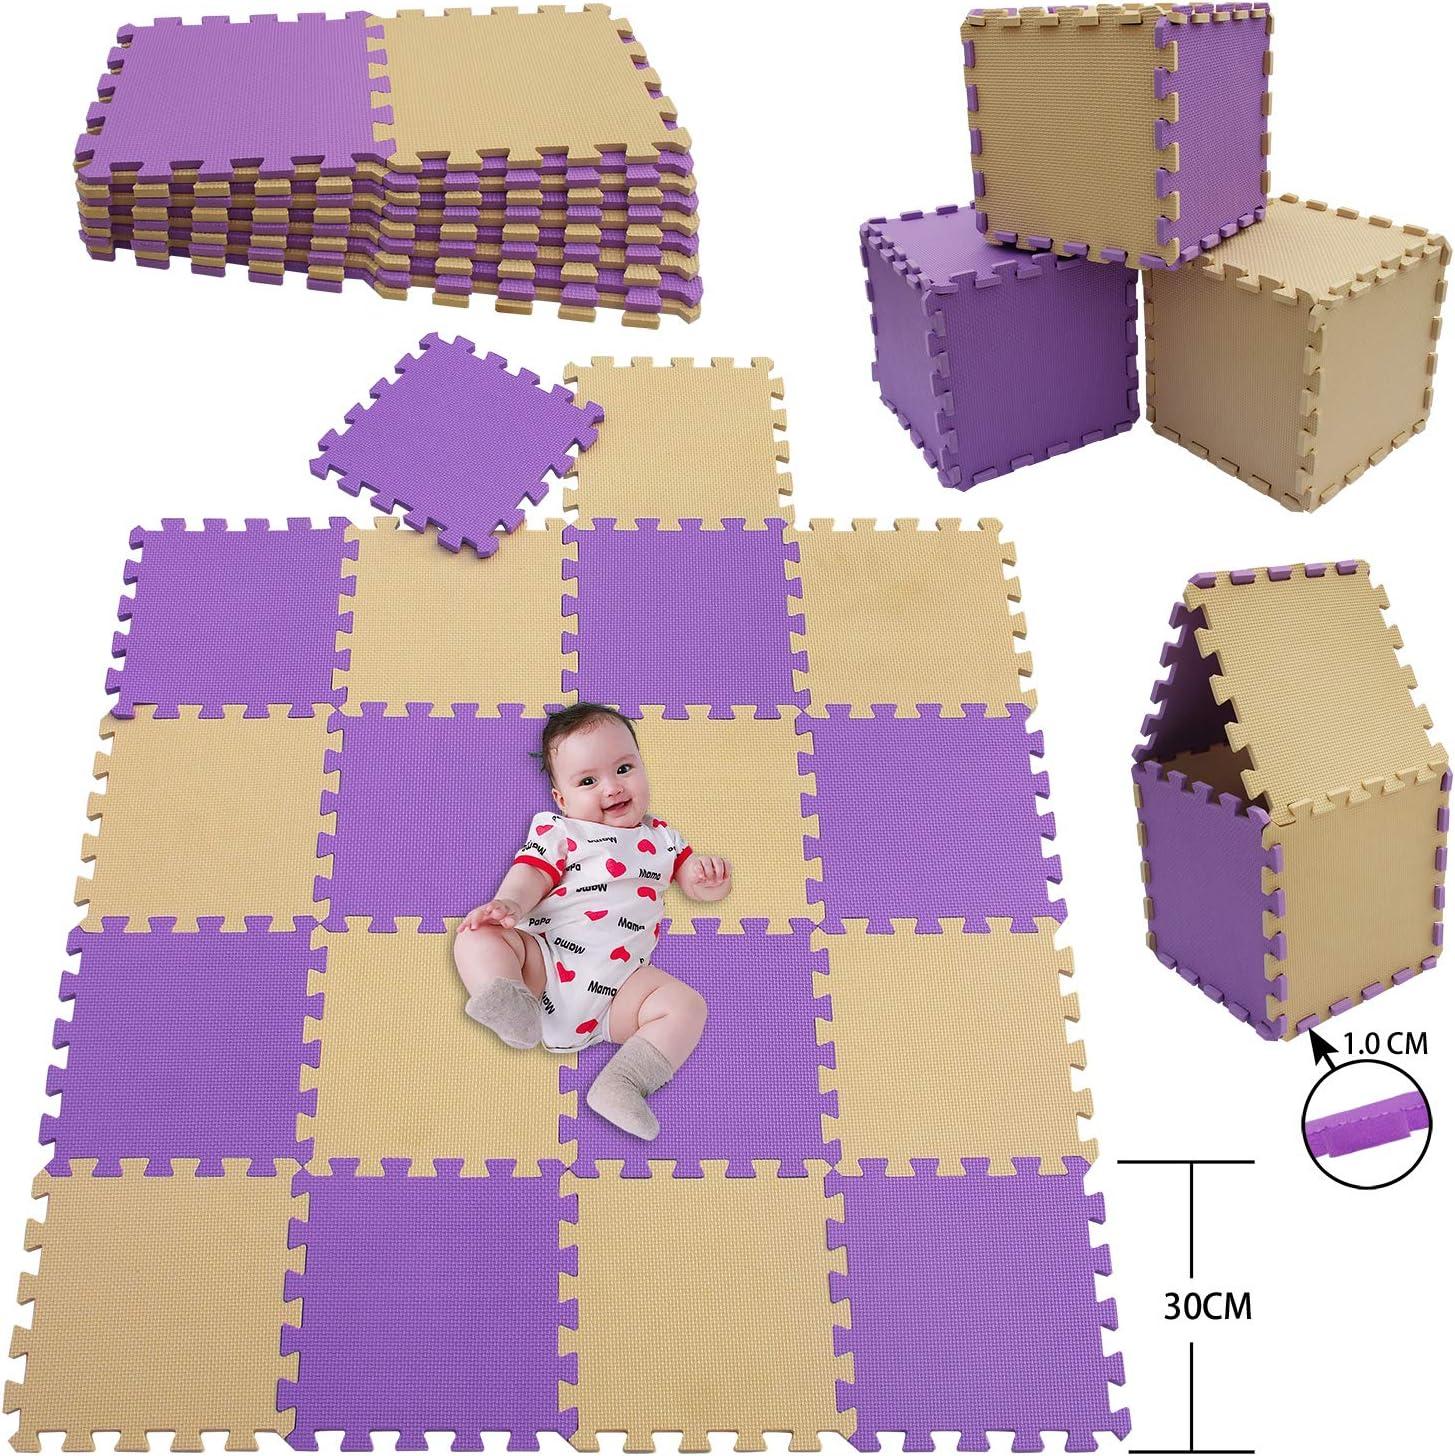 18 Pi/èces, Beige,Violet MU SHEN Tapis de Jeu pour Enfants Pur Couleur EVA Dalles Mousses Tapis de Puzzle Tapis de Sol